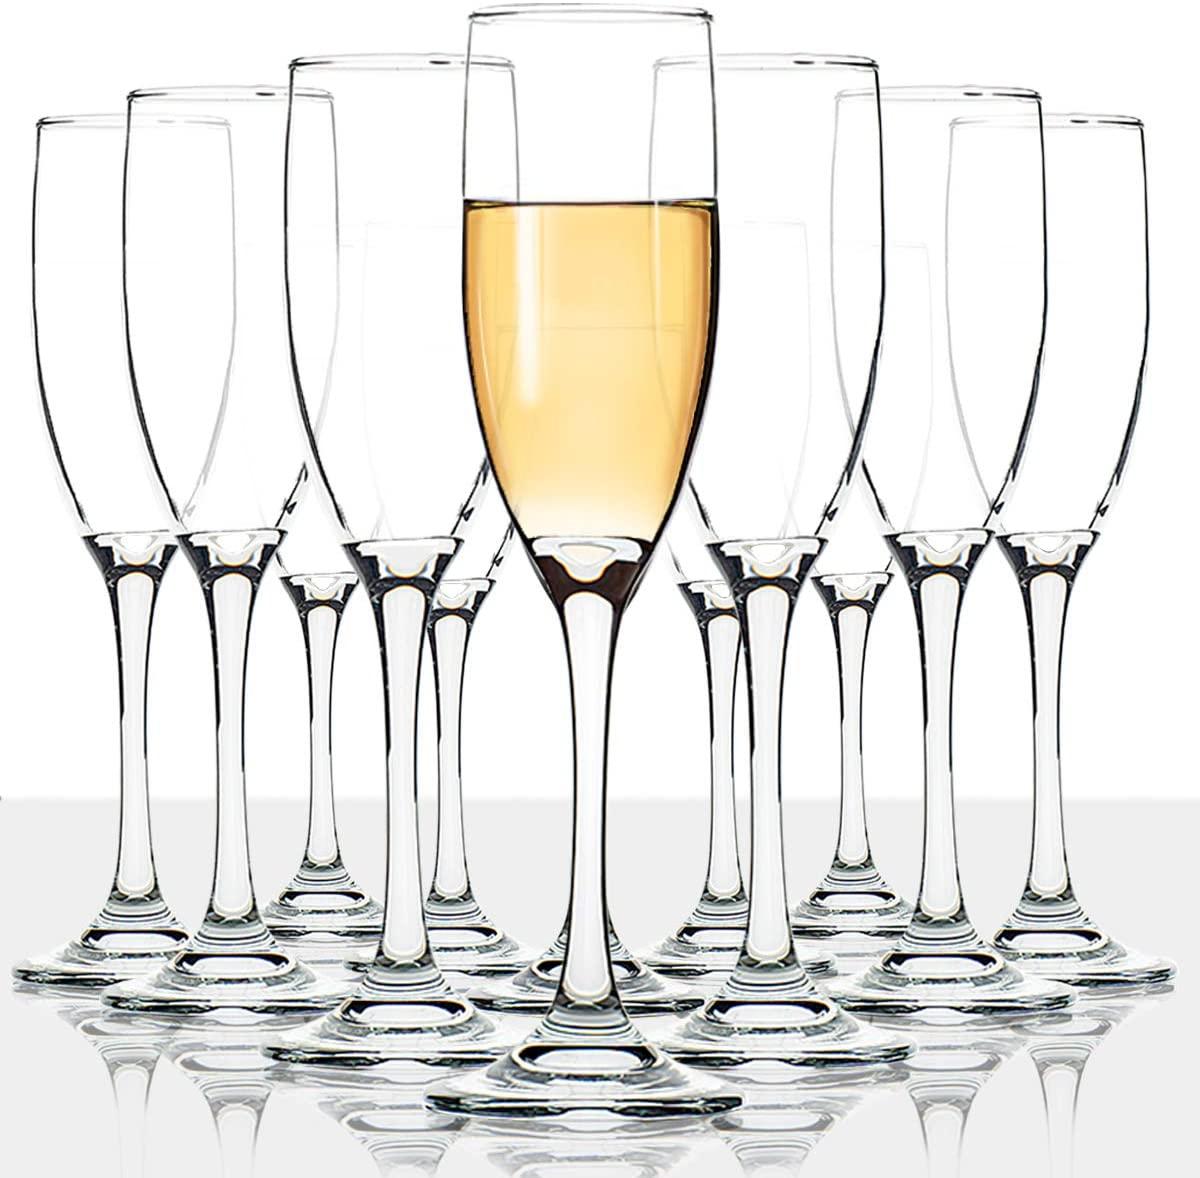 UMI UMIZILI Classic Champagne Flutes, Set of 12, 6 oz, Premium Stemmed Glasses, Sparkling Wine Glass, Clear